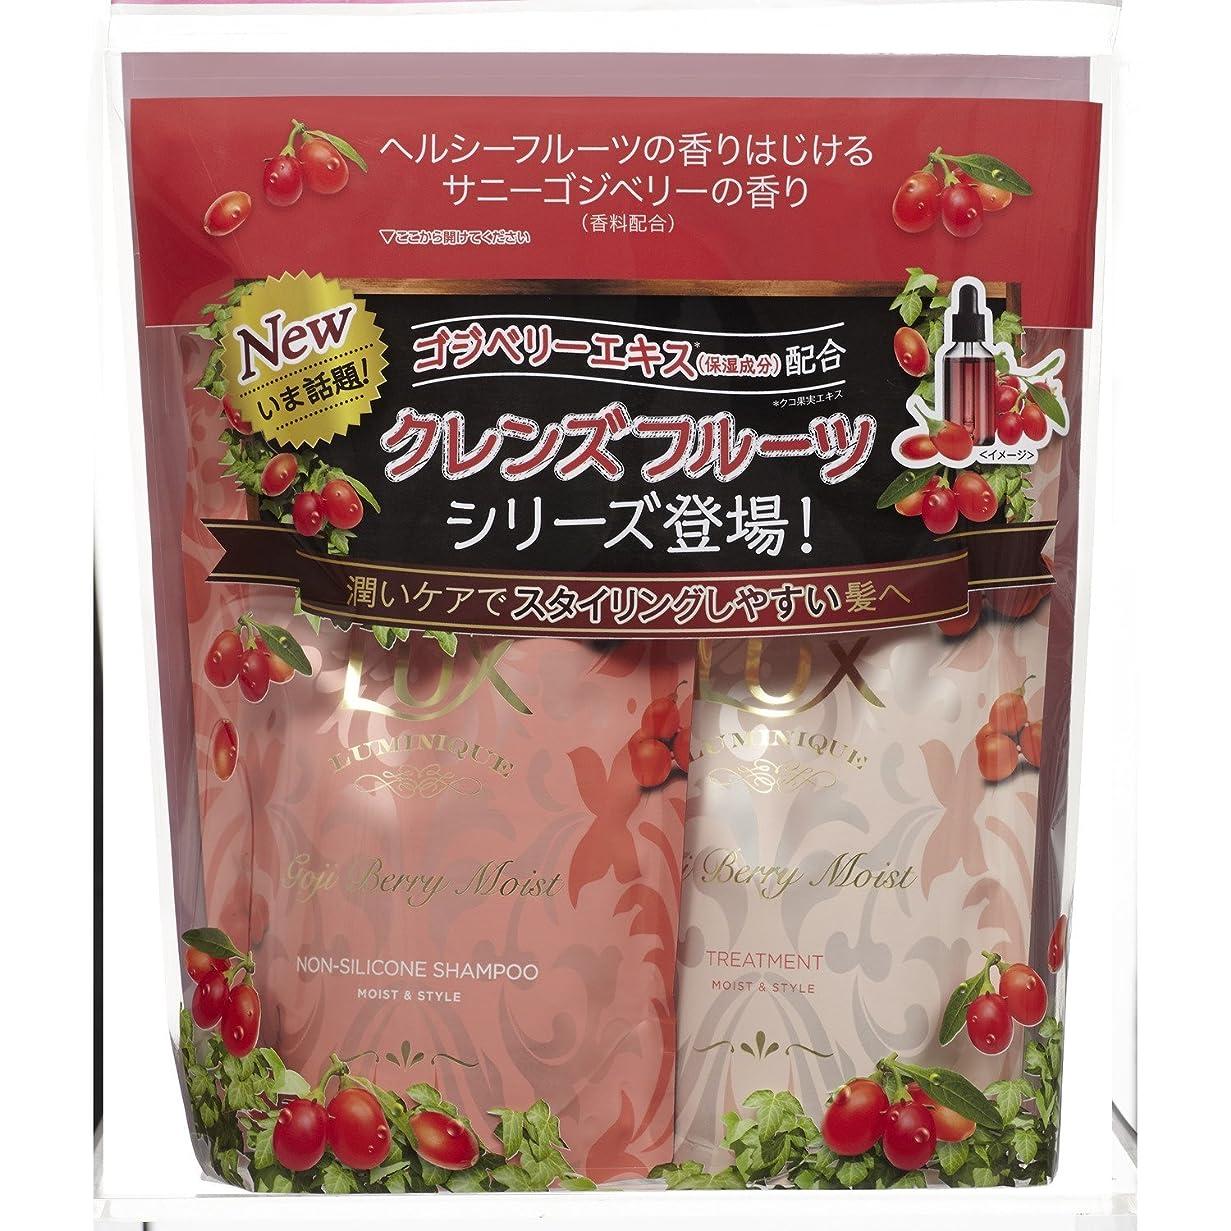 マザーランド海外で着飾るラックス ルミニーク ゴジベリーモイスト (サニーゴジベリーの香り) つめかえ用ペア 350g+350g